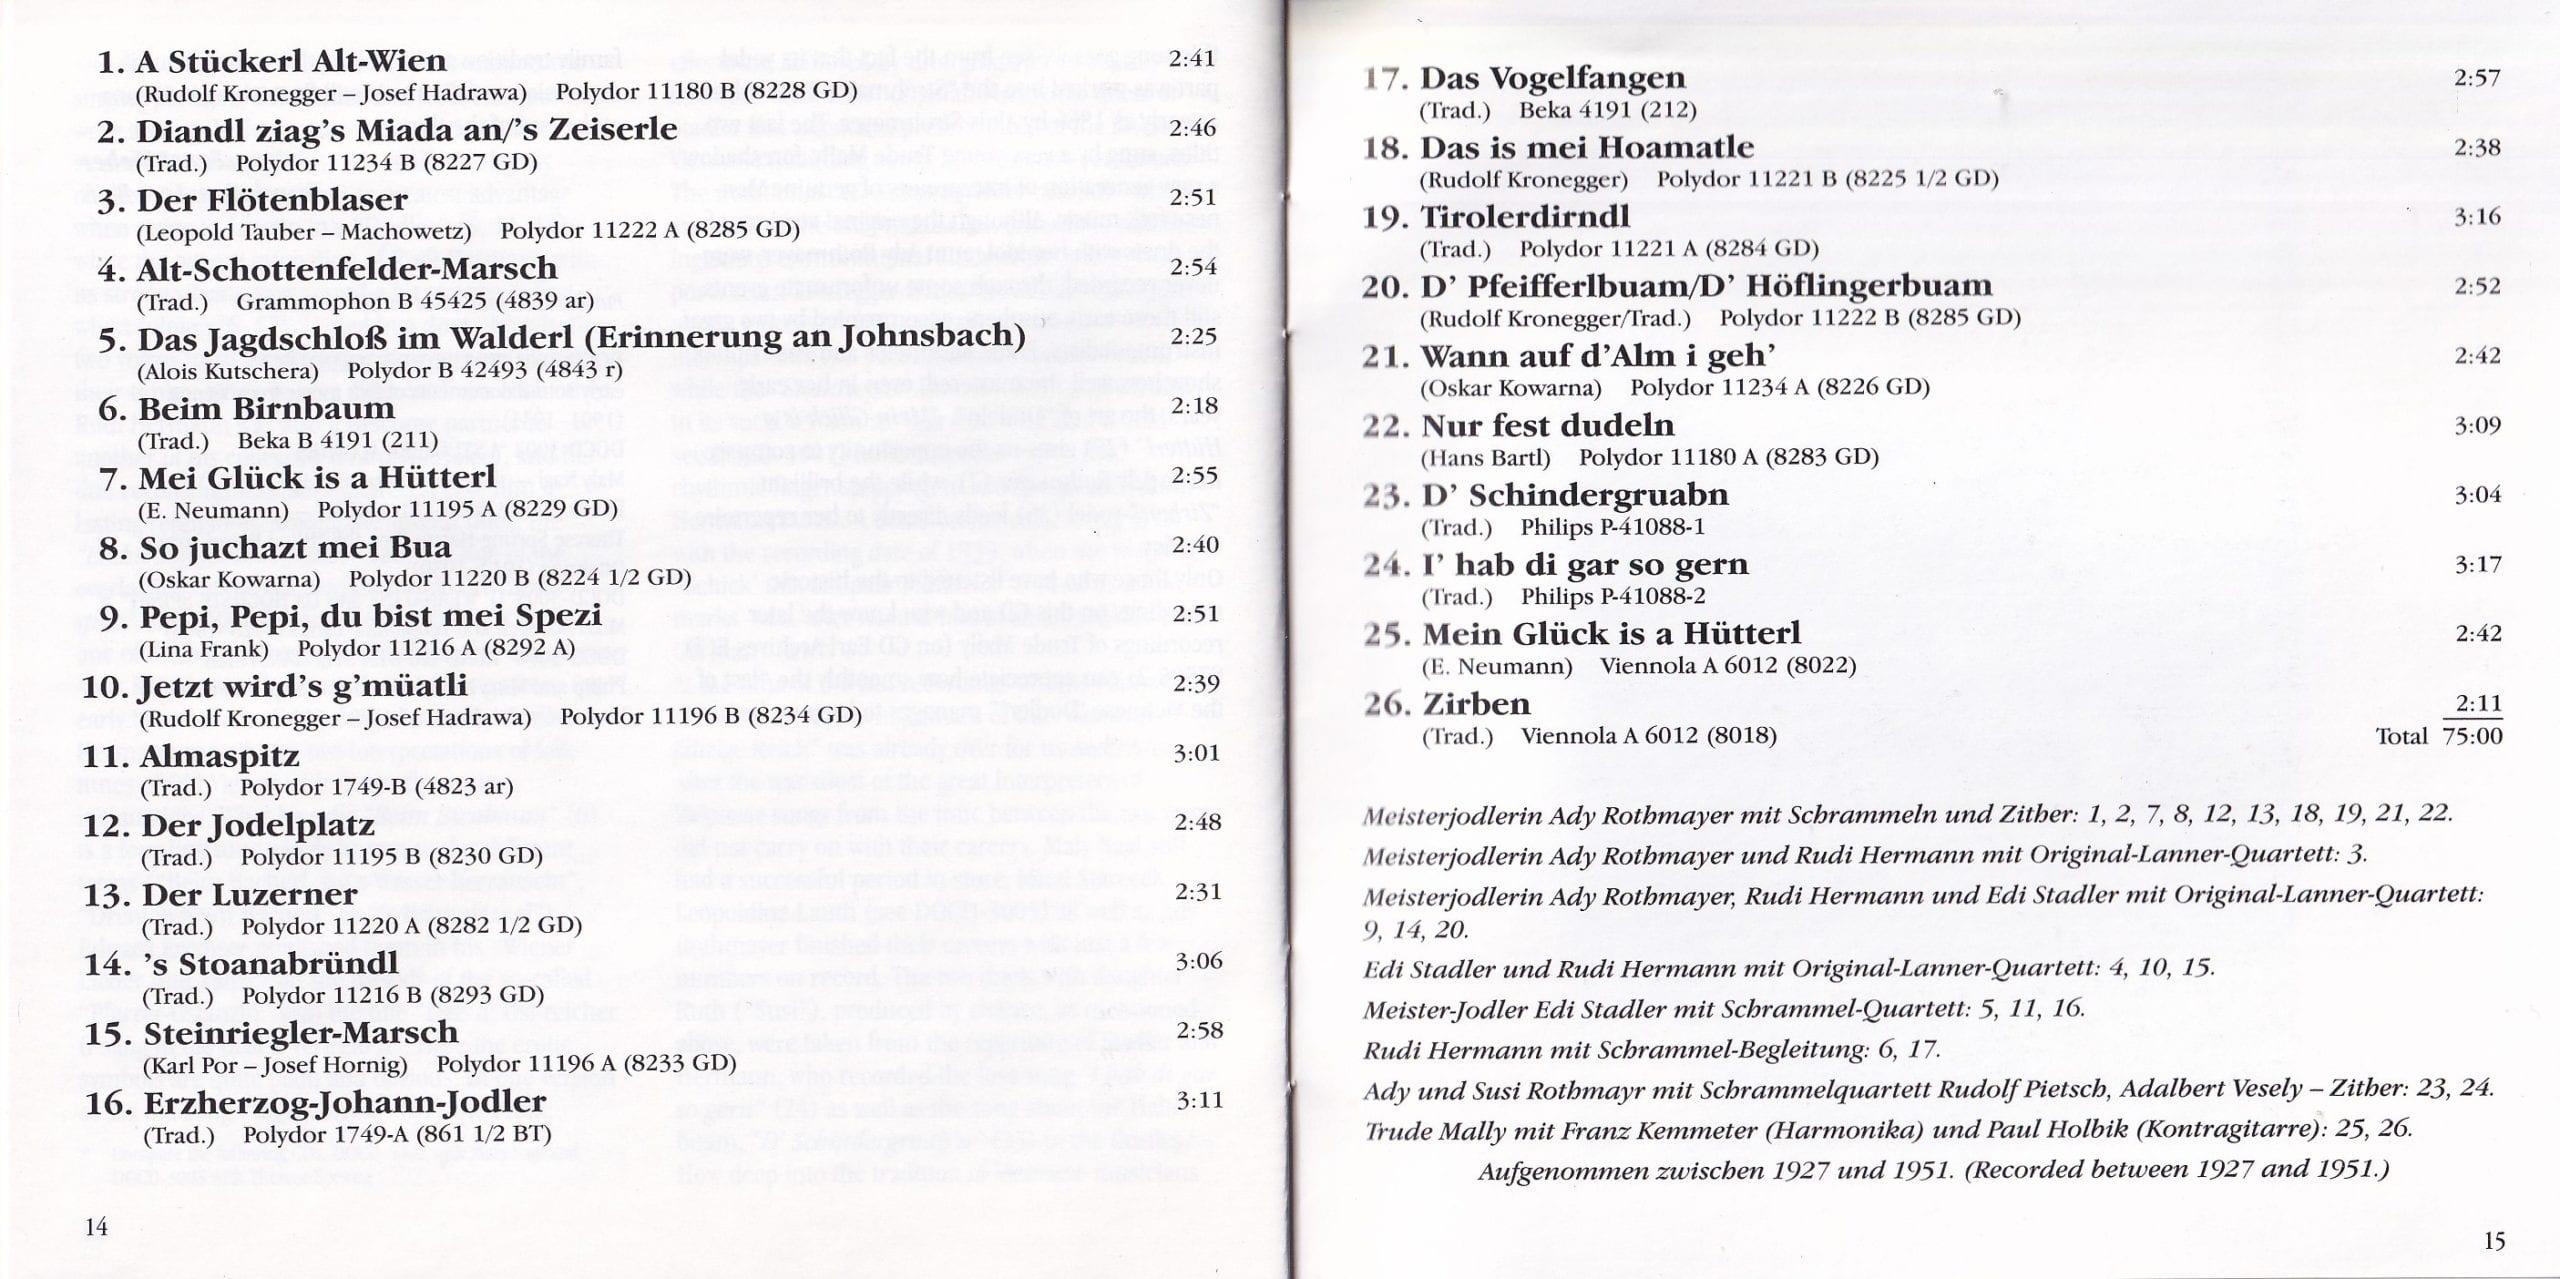 Nur fest dudeln – Booklet 14-15